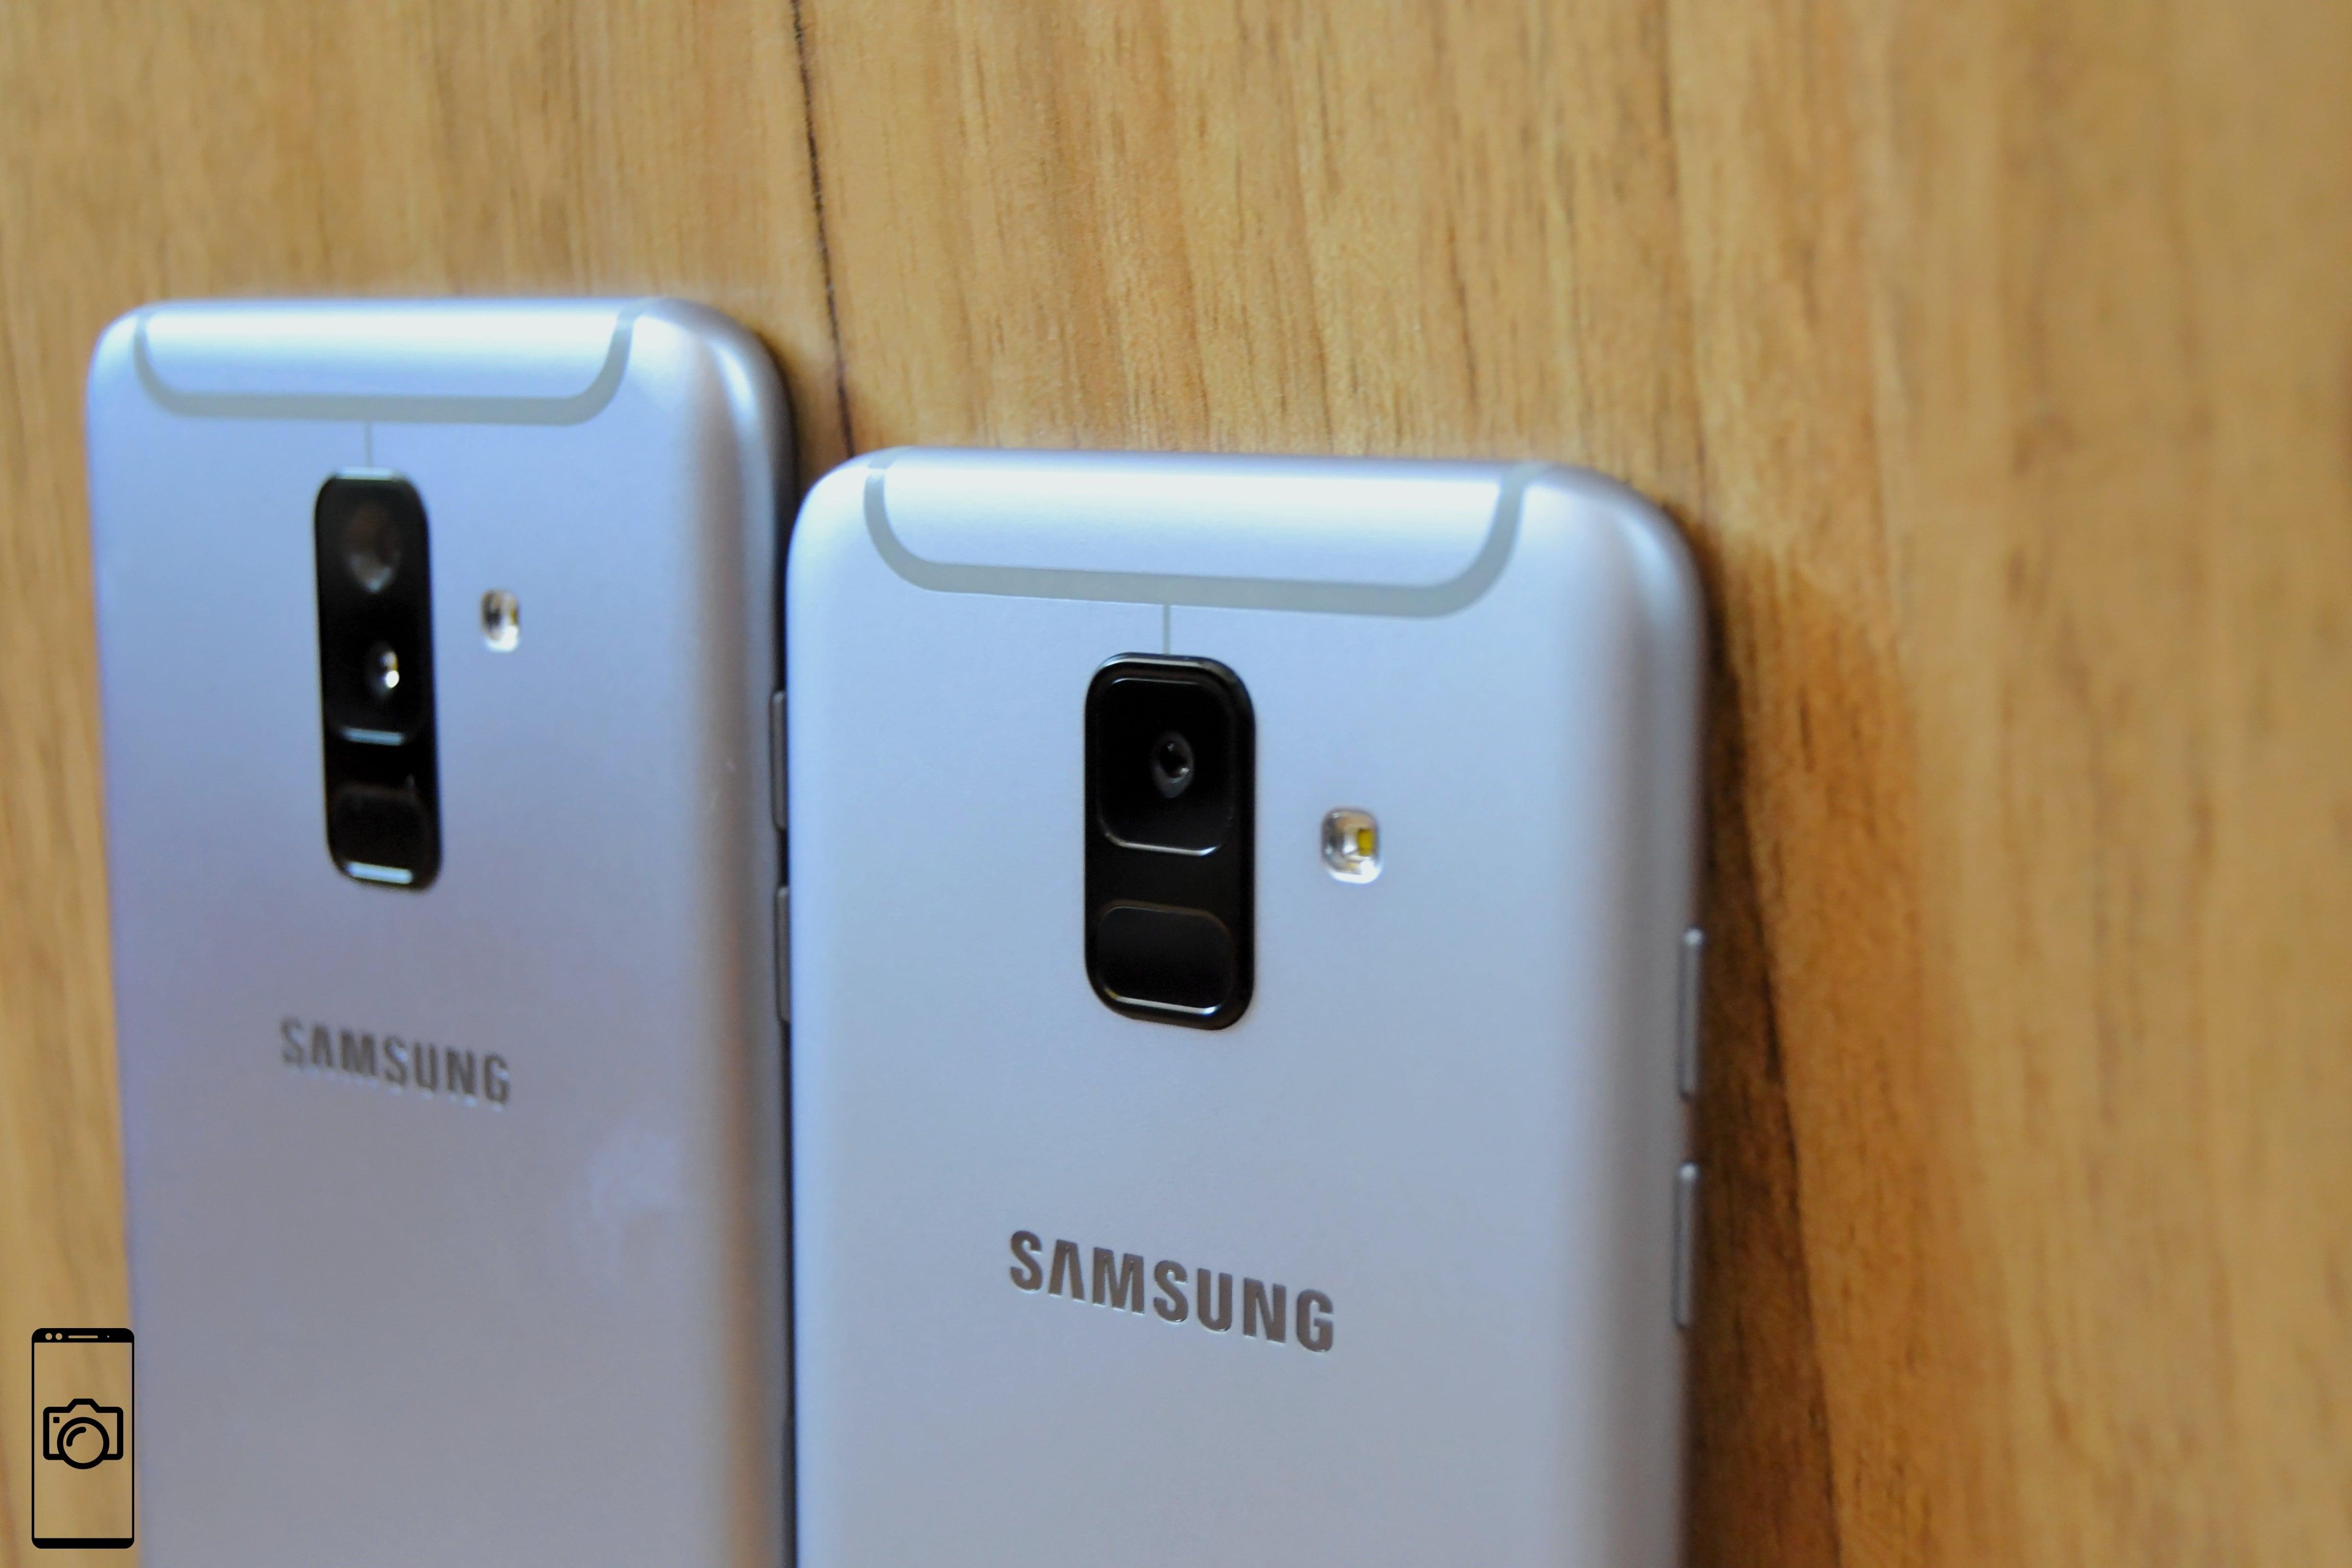 Samsung Galaxy A6 vs Galaxy A6+